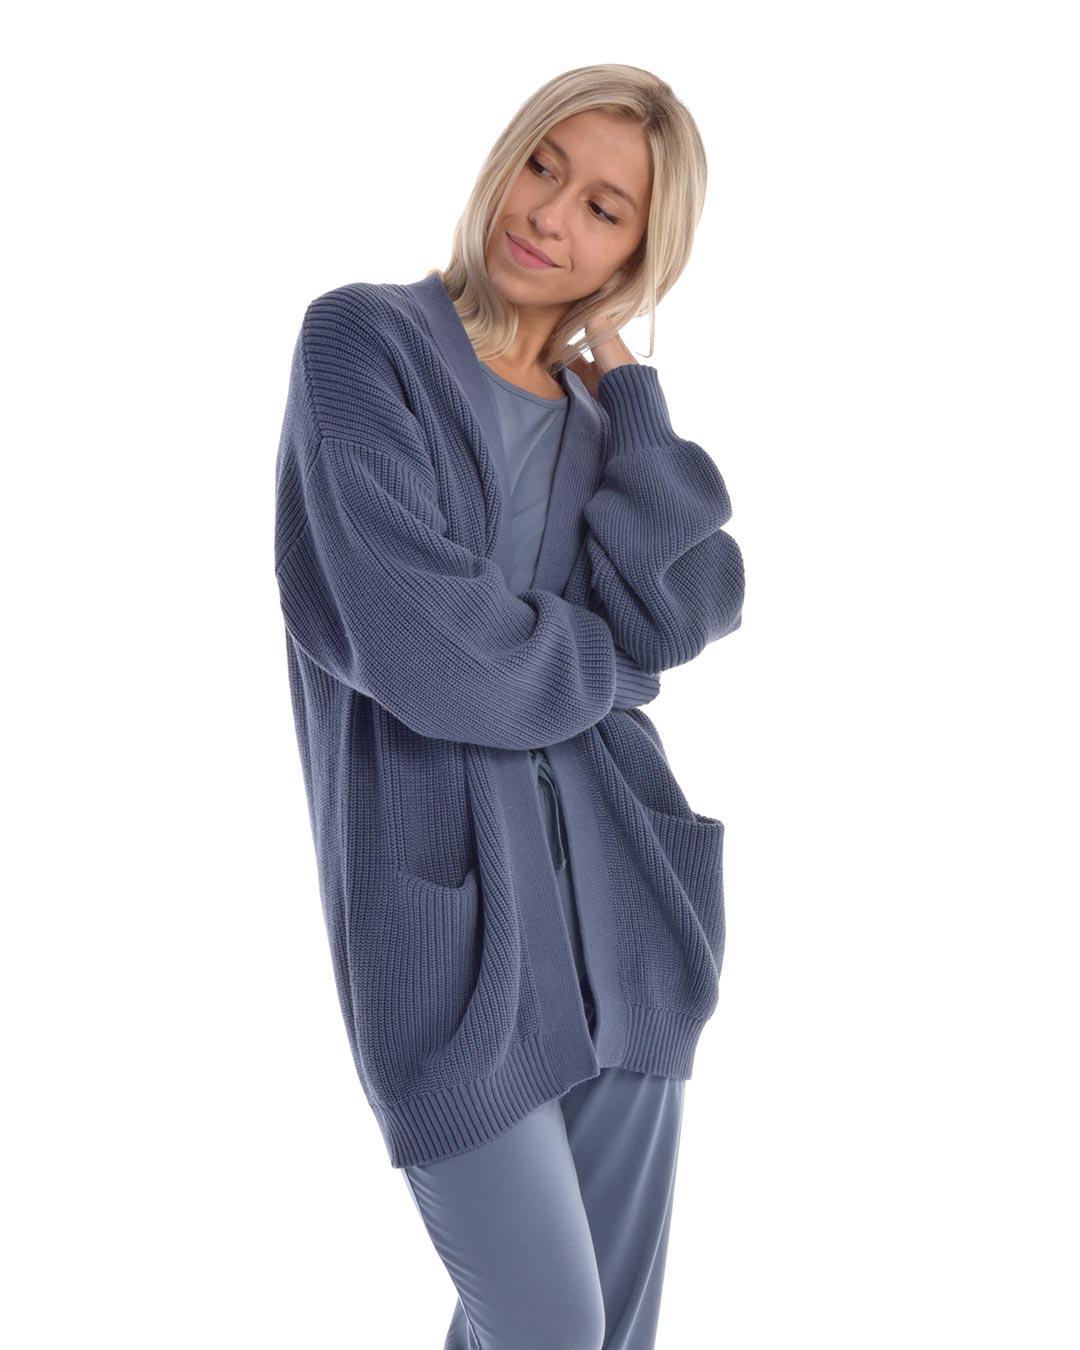 paper-label-opal-blue-02-dianes-lingerie-vancouver-1080x1350